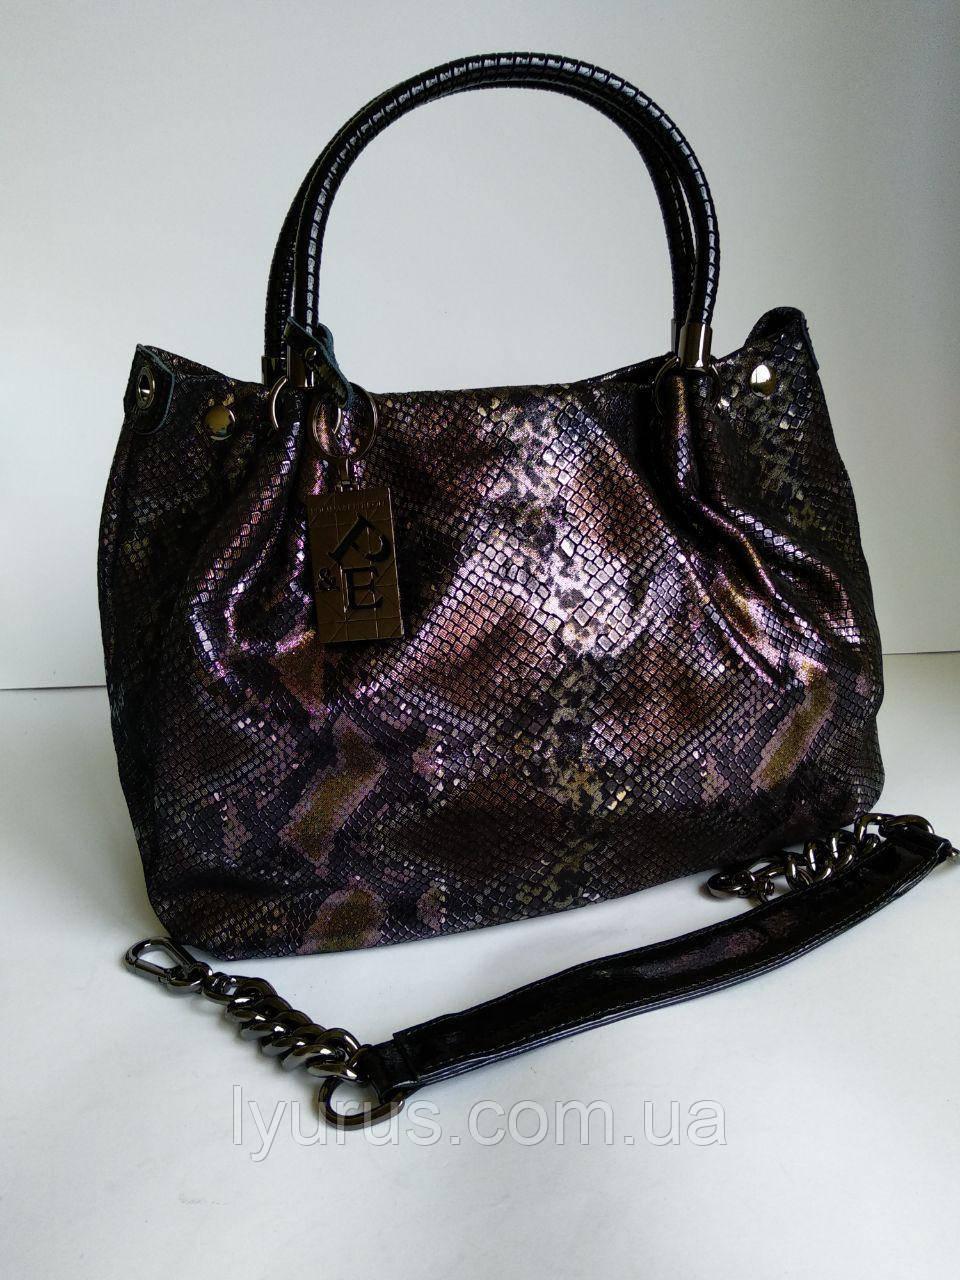 Женская кожаная сумка  Polina & Eiterou змеиный принт лазерной обработки